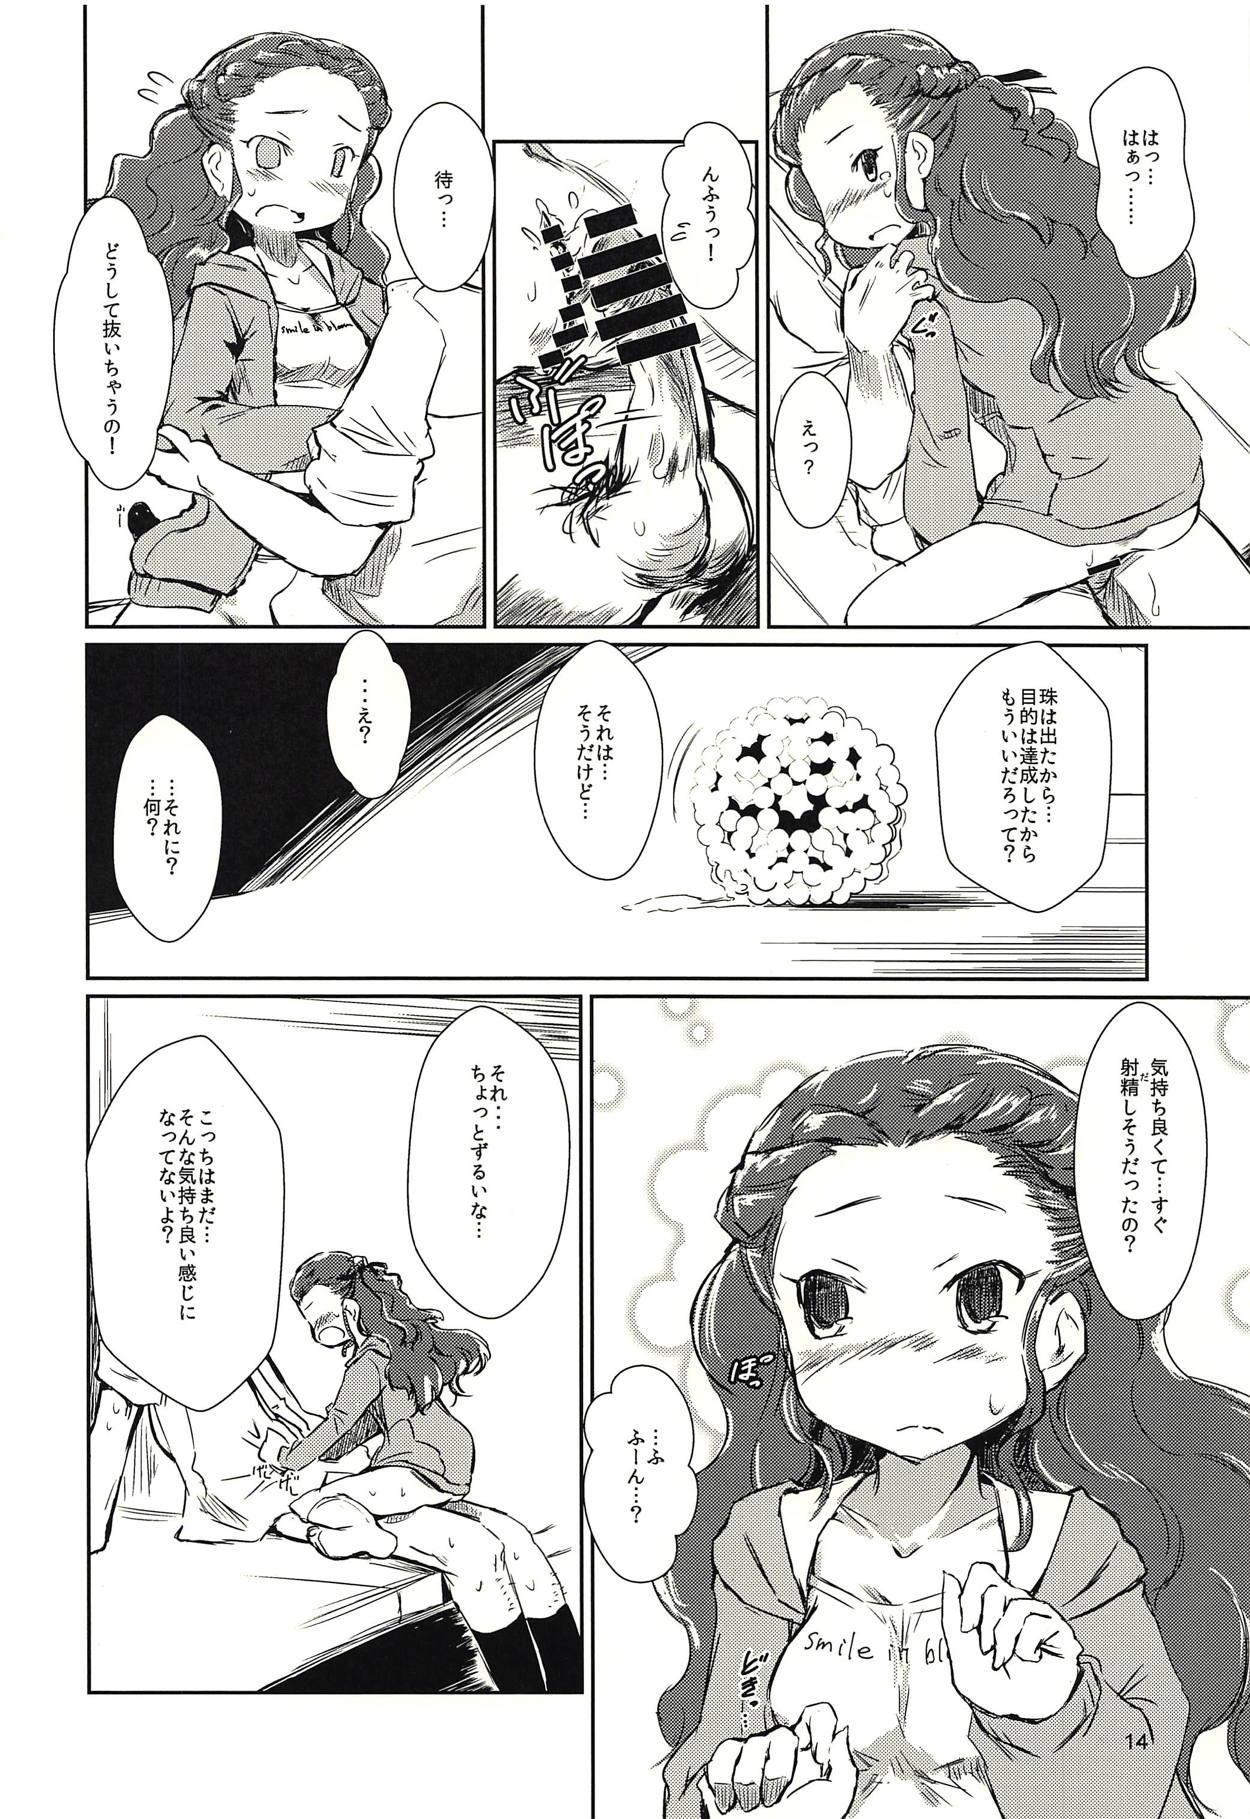 Seki-chan to Marui Tsuranatta Yatsu 12